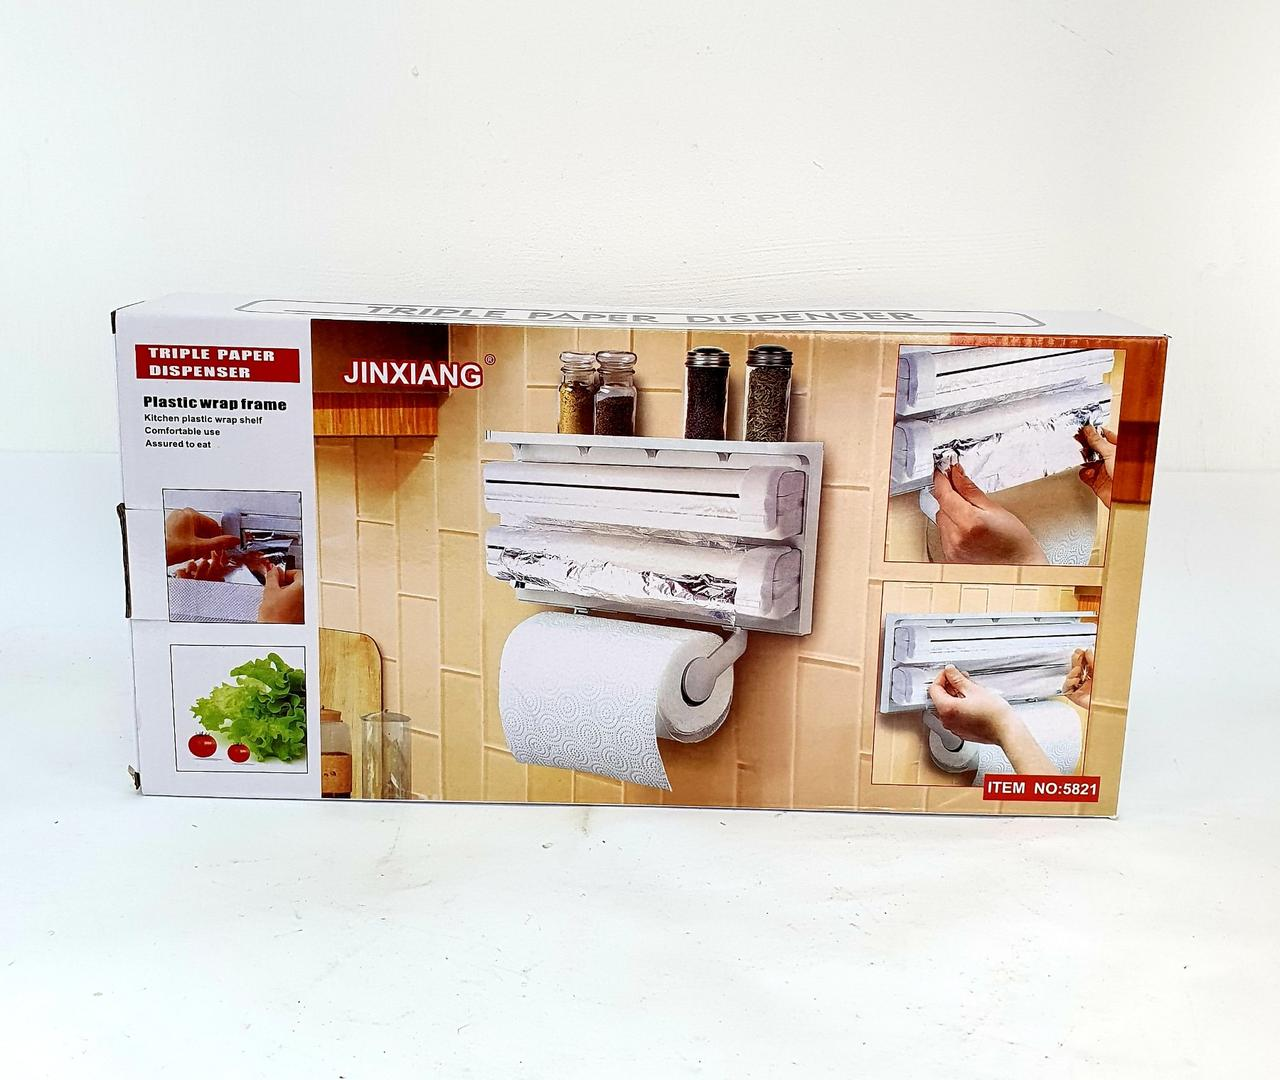 Кухонний диспенсер для плівки, фольги і рушників